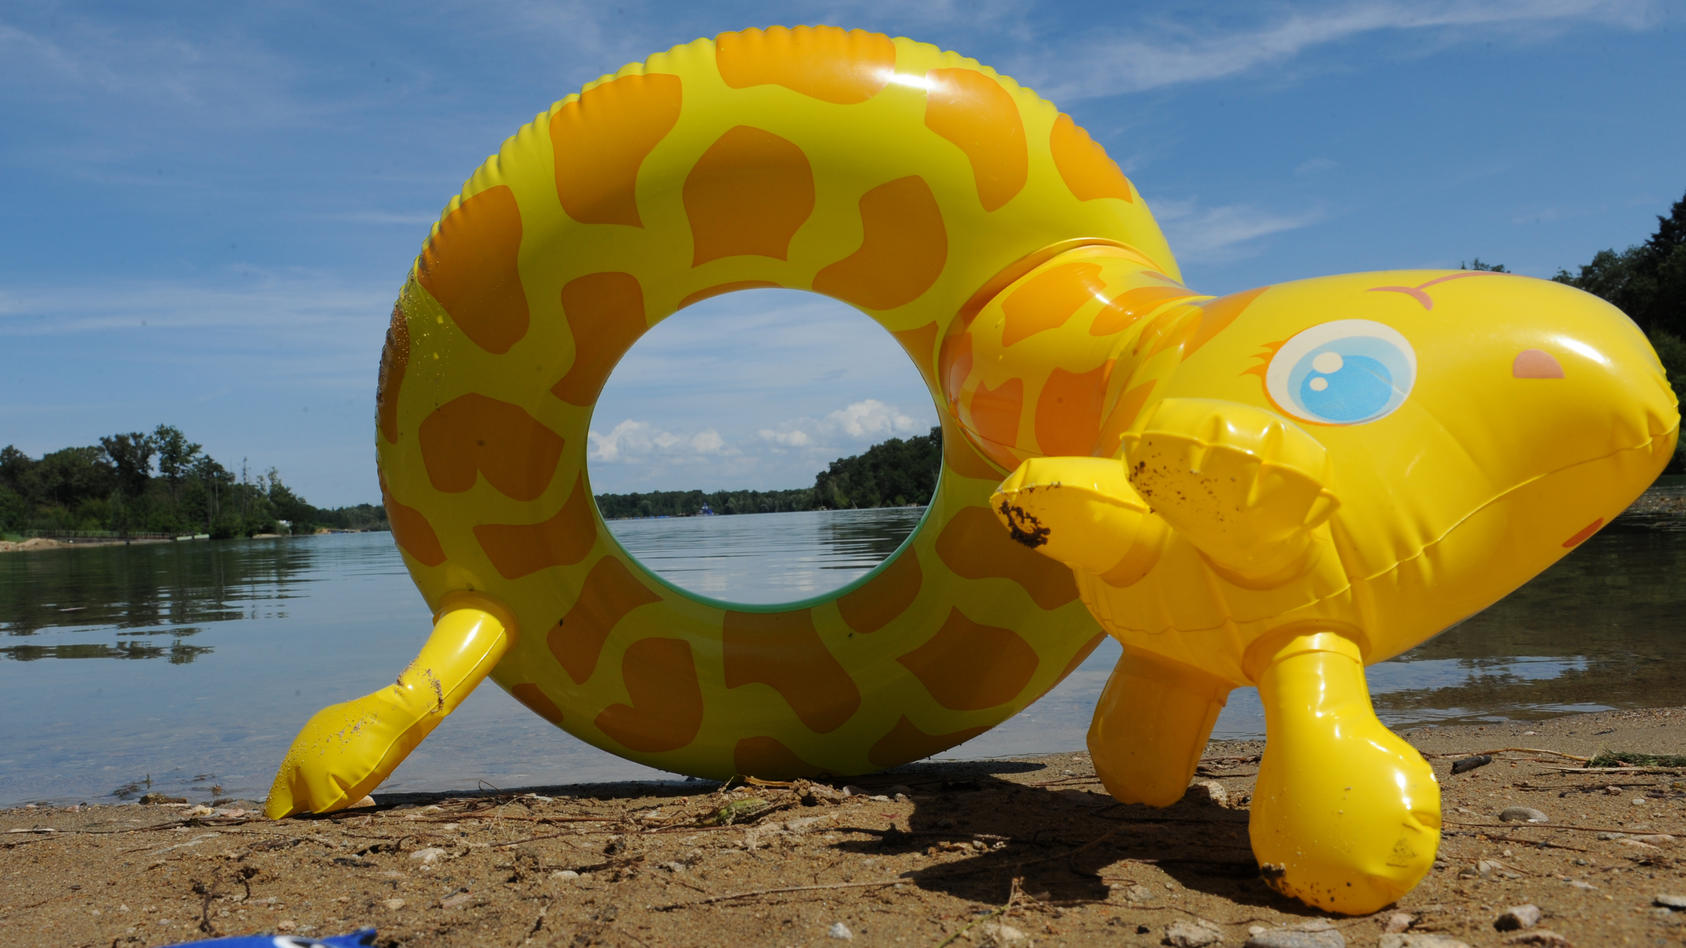 Schwimmtier am Seeufer (Motivbild)